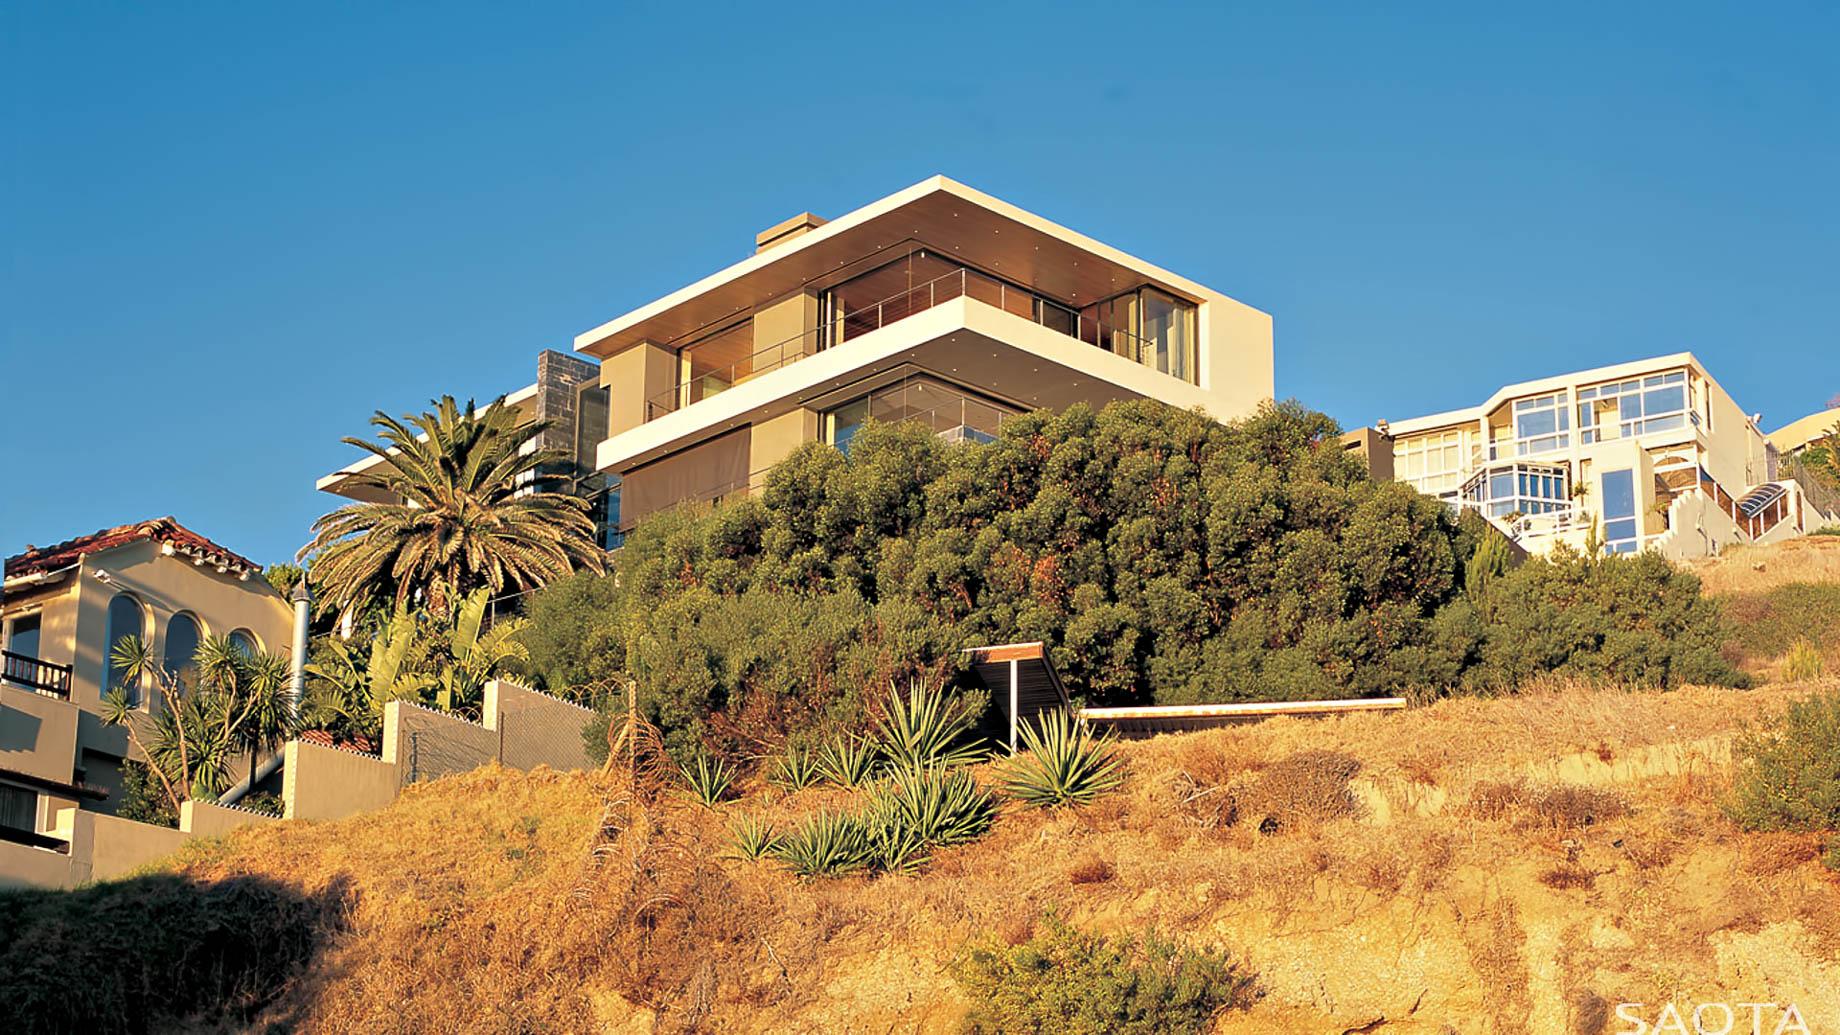 Résidence St. Leon 10 – Bantry Bay, Le Cap, Cap-Occidental, Afrique du Sud